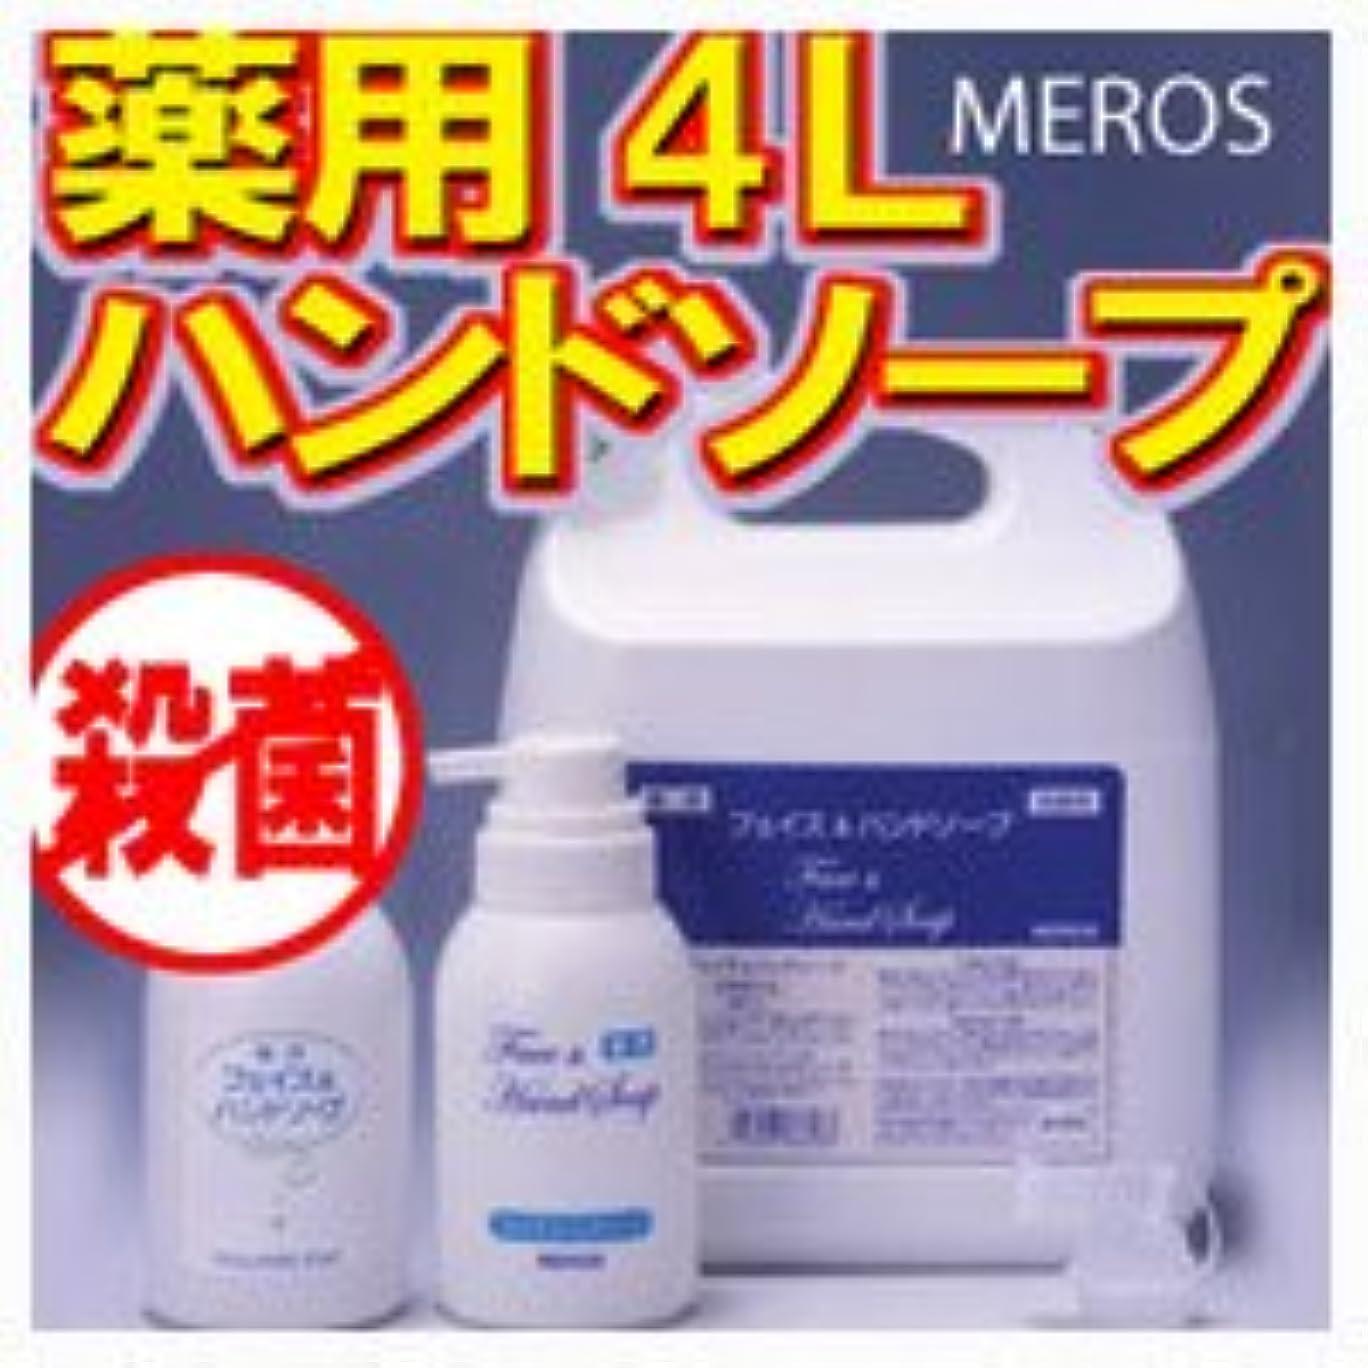 重々しい可動不格好メロス 薬用ハンドソープ 4L 【泡ポンプボトル付き】